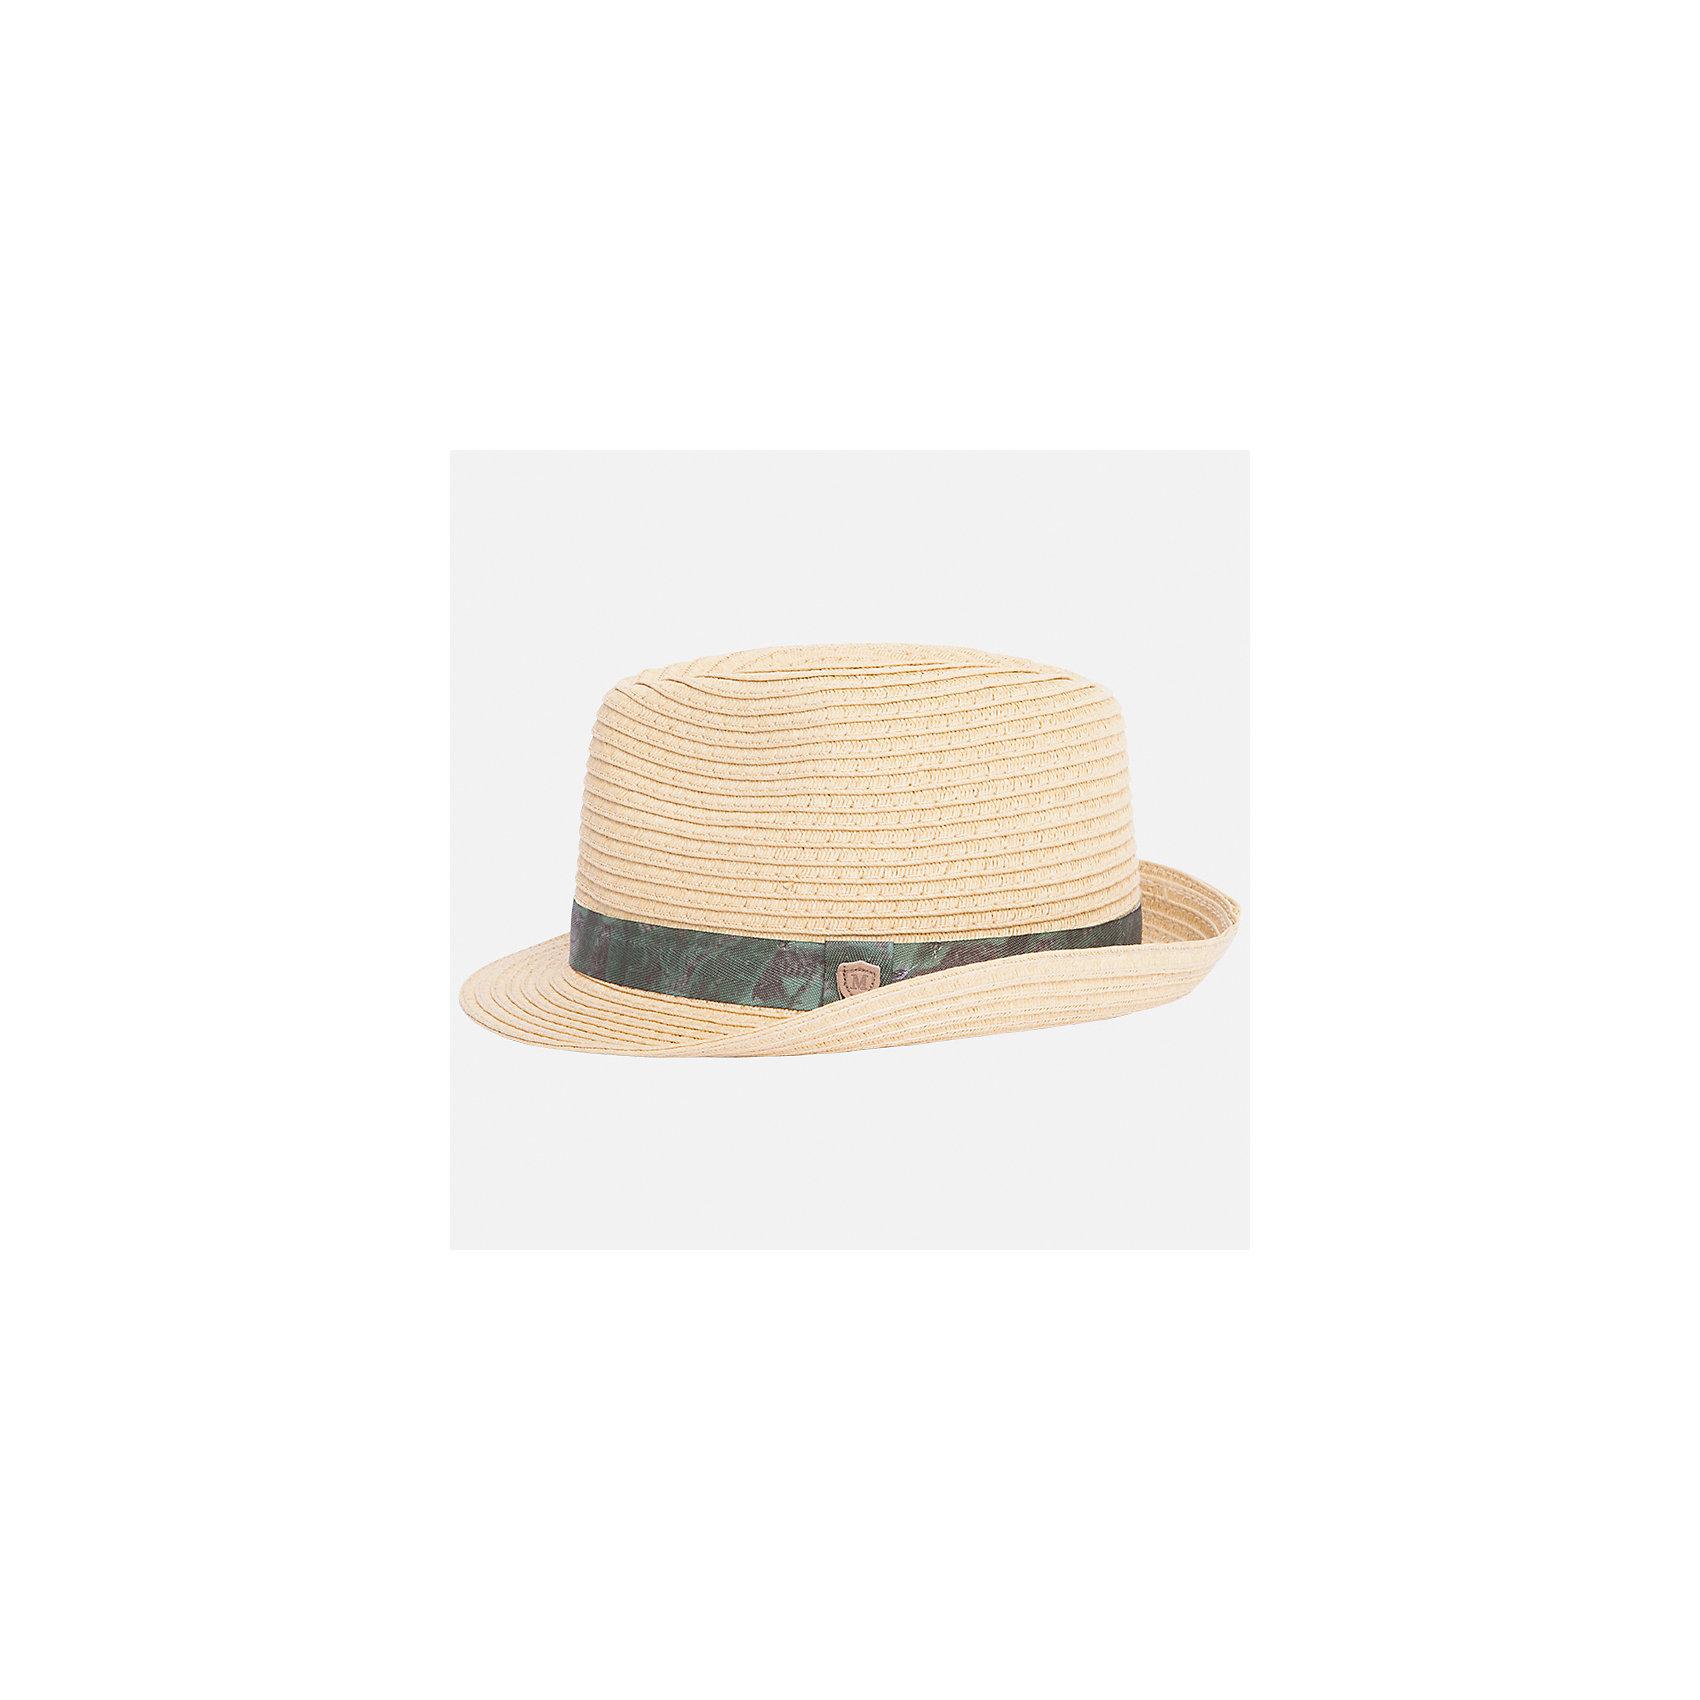 Шляпа для мальчика MayoralГоловные уборы<br>Характеристики товара:<br><br>• цвет: бежевый<br>• состав: 100% бумага<br>• комфортная посадка<br>• дышащая фактура<br>• декорирована лентой<br>• страна бренда: Испания<br><br>Красивая легкая шляпа для мальчика поможет обеспечить ребенку защиту от солнца и дополнить наряд. Универсальный цвет позволяет надевать её под наряды различных расцветок. Шляпа удобно сидит и красиво смотрится. Отличное дополнение к летней одежде!<br><br>Одежда, обувь и аксессуары от испанского бренда Mayoral полюбились детям и взрослым по всему миру. Модели этой марки - стильные и удобные. Для их производства используются только безопасные, качественные материалы и фурнитура. Порадуйте ребенка модными и красивыми вещами от Mayoral! <br><br>Шляпу для мальчика от испанского бренда Mayoral (Майорал) можно купить в нашем интернет-магазине.<br><br>Ширина мм: 89<br>Глубина мм: 117<br>Высота мм: 44<br>Вес г: 155<br>Цвет: коричневый<br>Возраст от месяцев: 72<br>Возраст до месяцев: 84<br>Пол: Мужской<br>Возраст: Детский<br>Размер: 54,50,52<br>SKU: 5294478